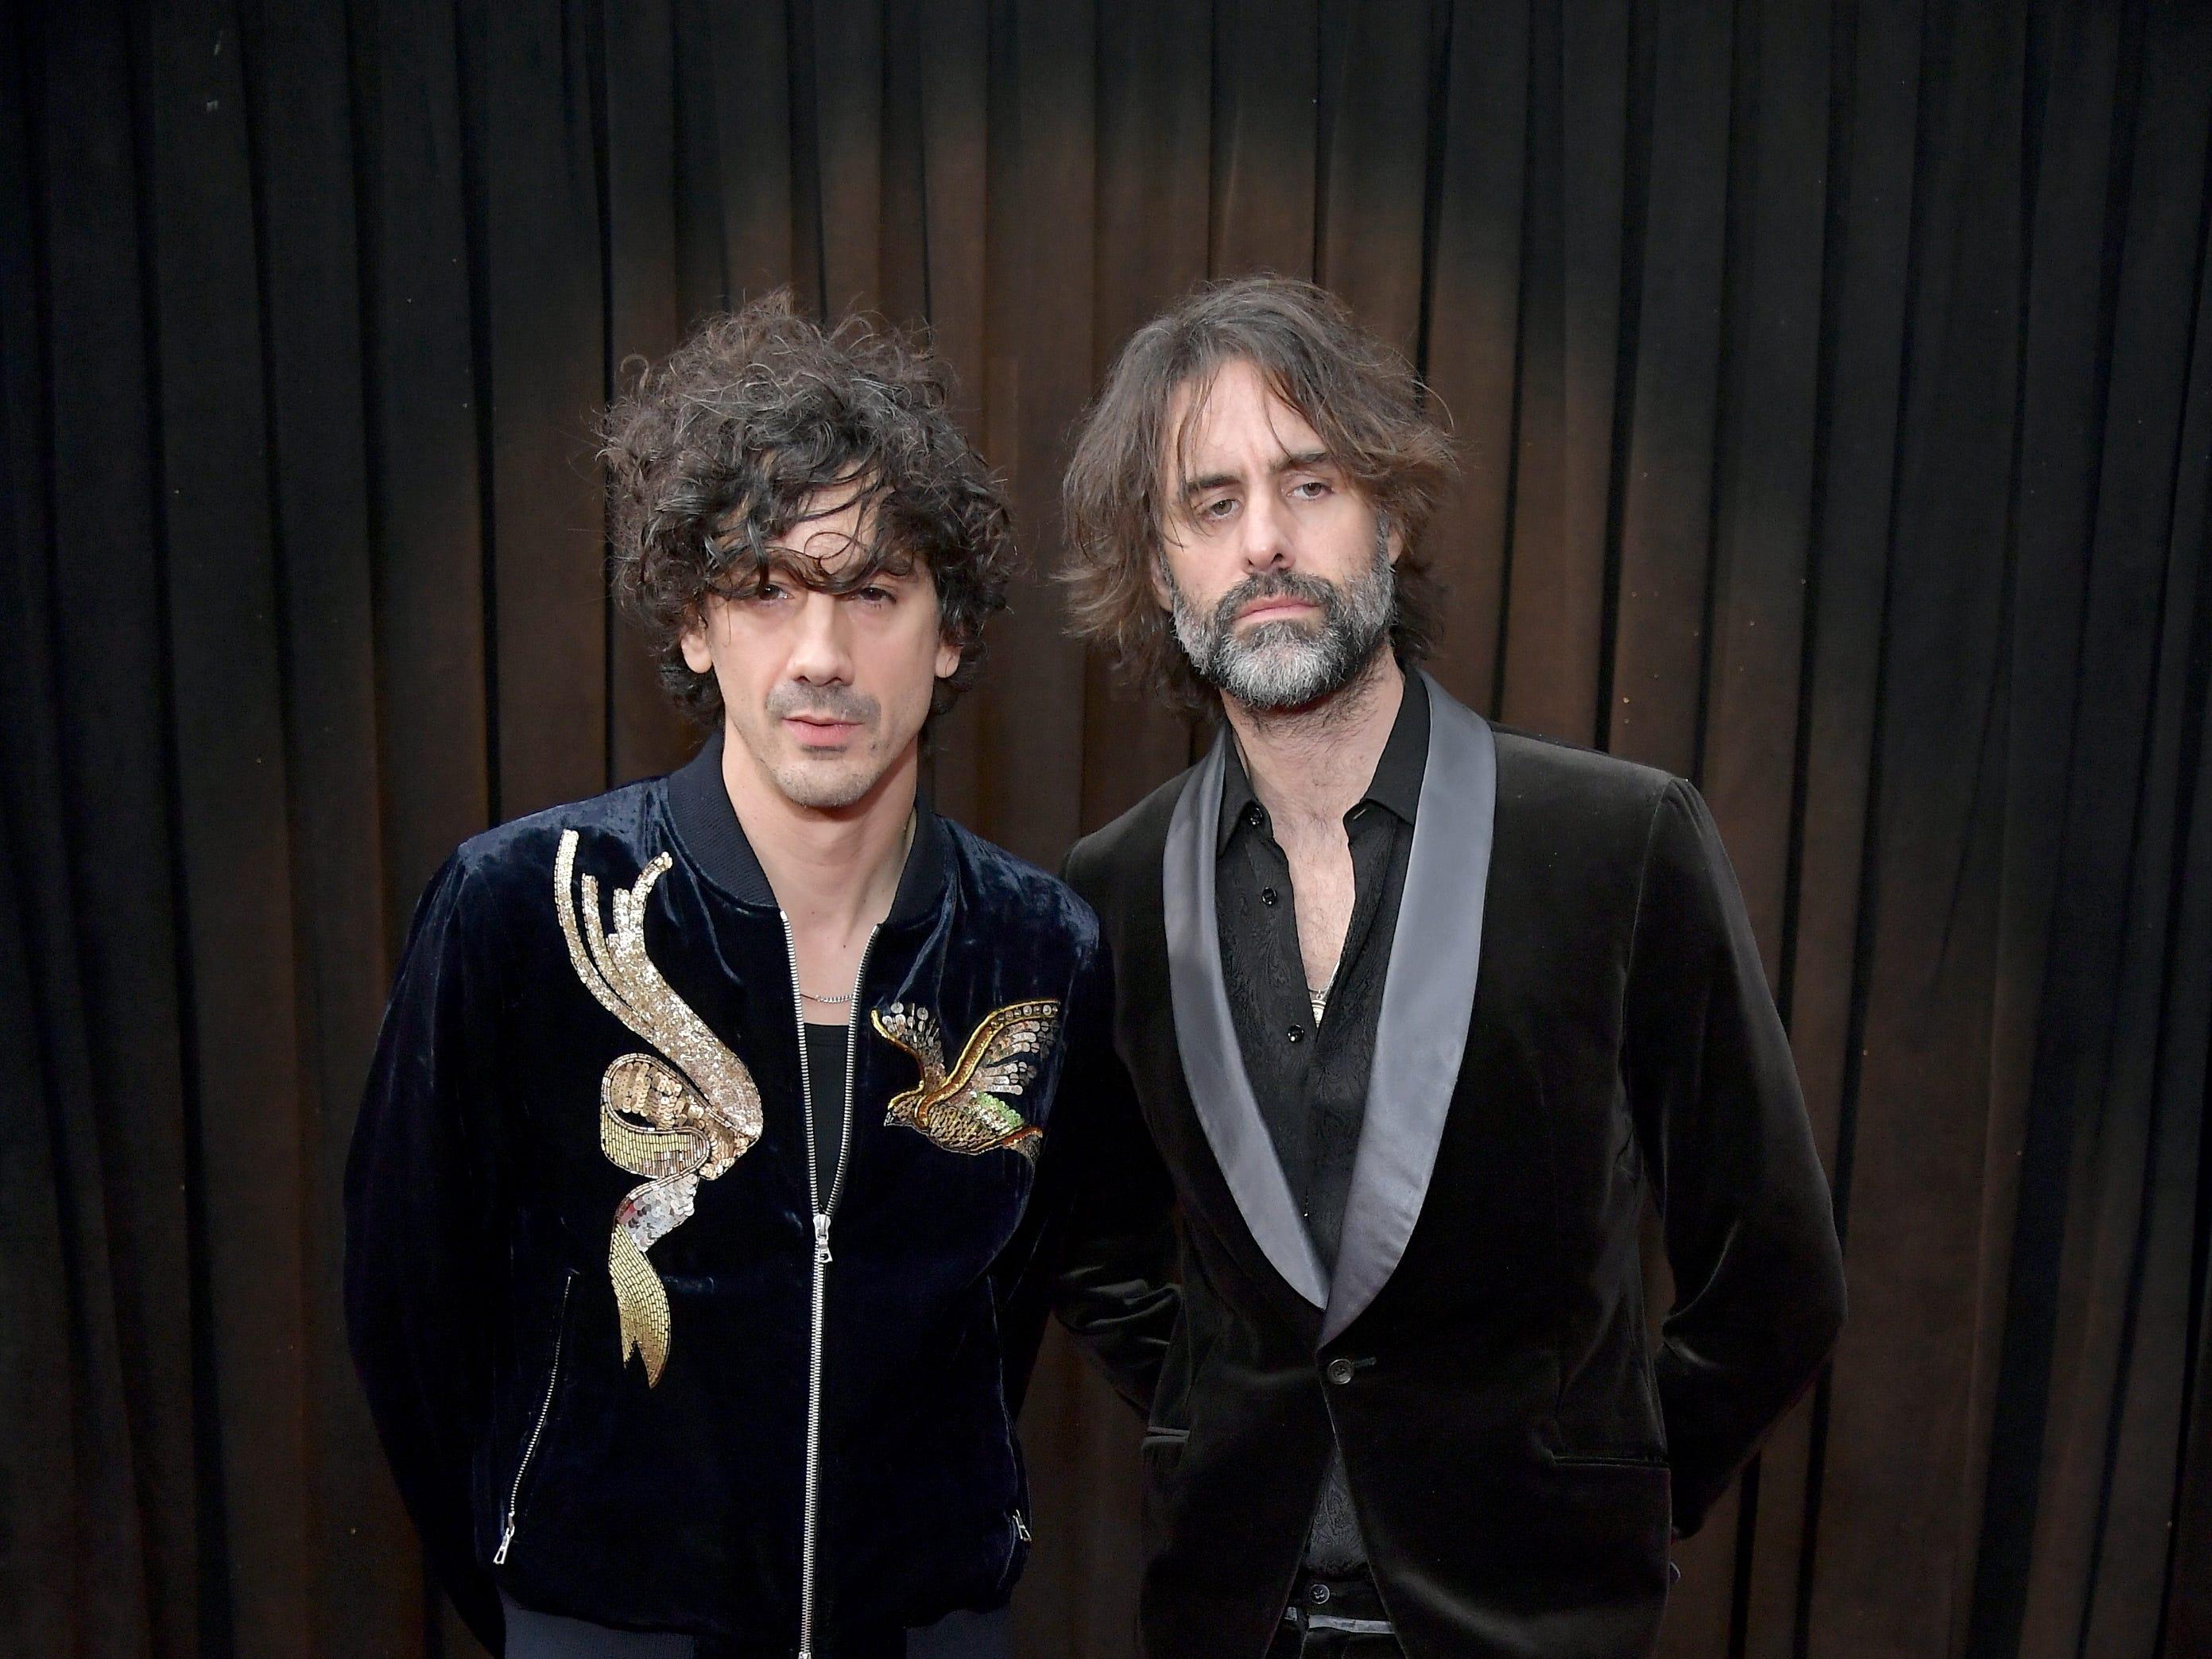 Andrew Wyatt y Anthony Rossomando asisten a la 61ª edición de los premios GRAMMY en el Staples Center el 10 de febrero de 2019 en Los Ángeles, California.